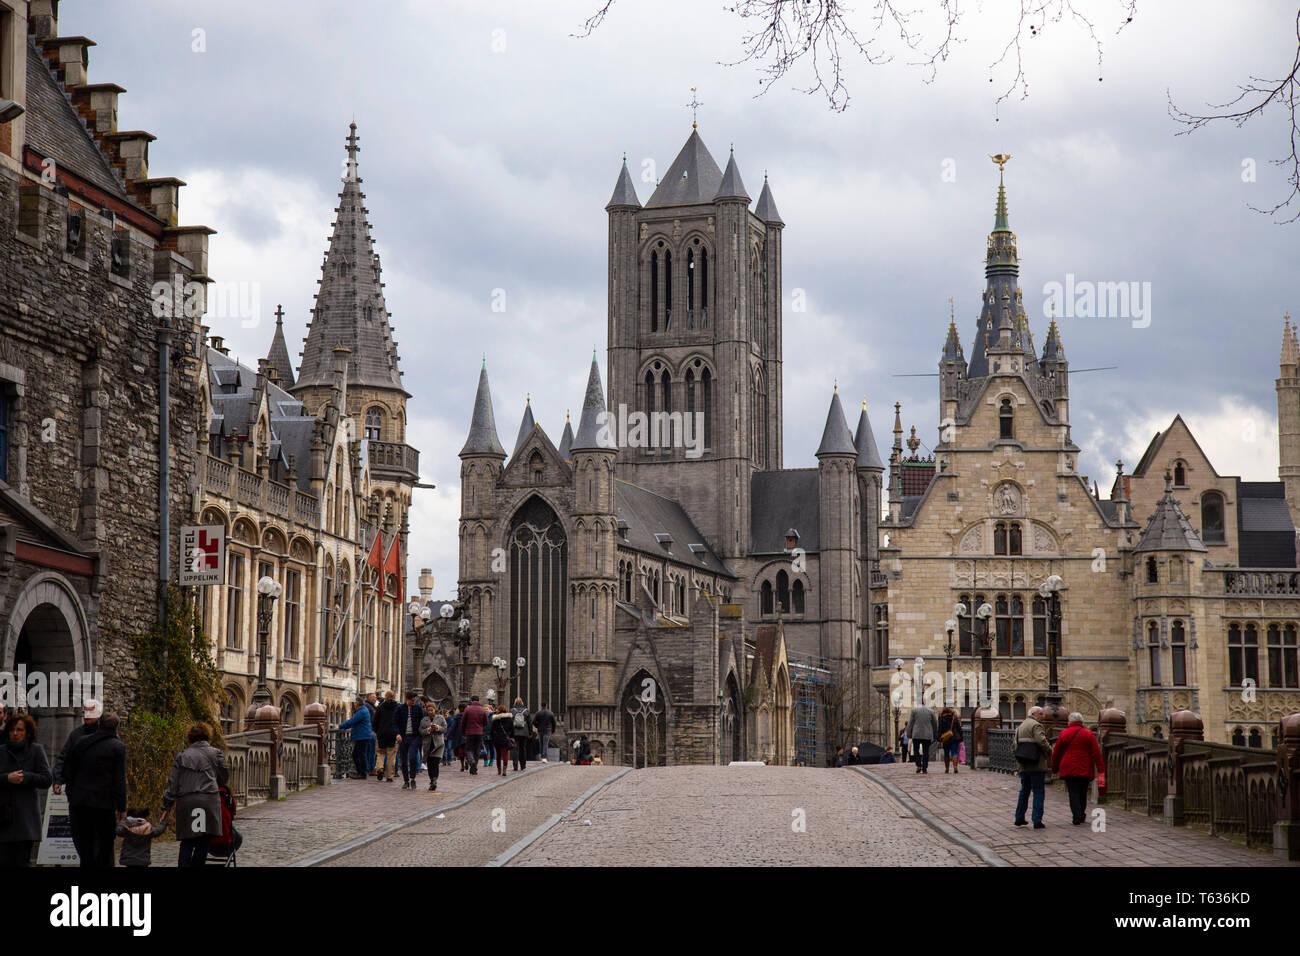 Iglesia De San Nicolás Es Uno De Los Monumentos Más Importantes Y Antiguos En Gante Bélgica Iniciada En El Siglo Xiii Como Un Reemplazo Para El Oído Fotografía De Stock Alamy